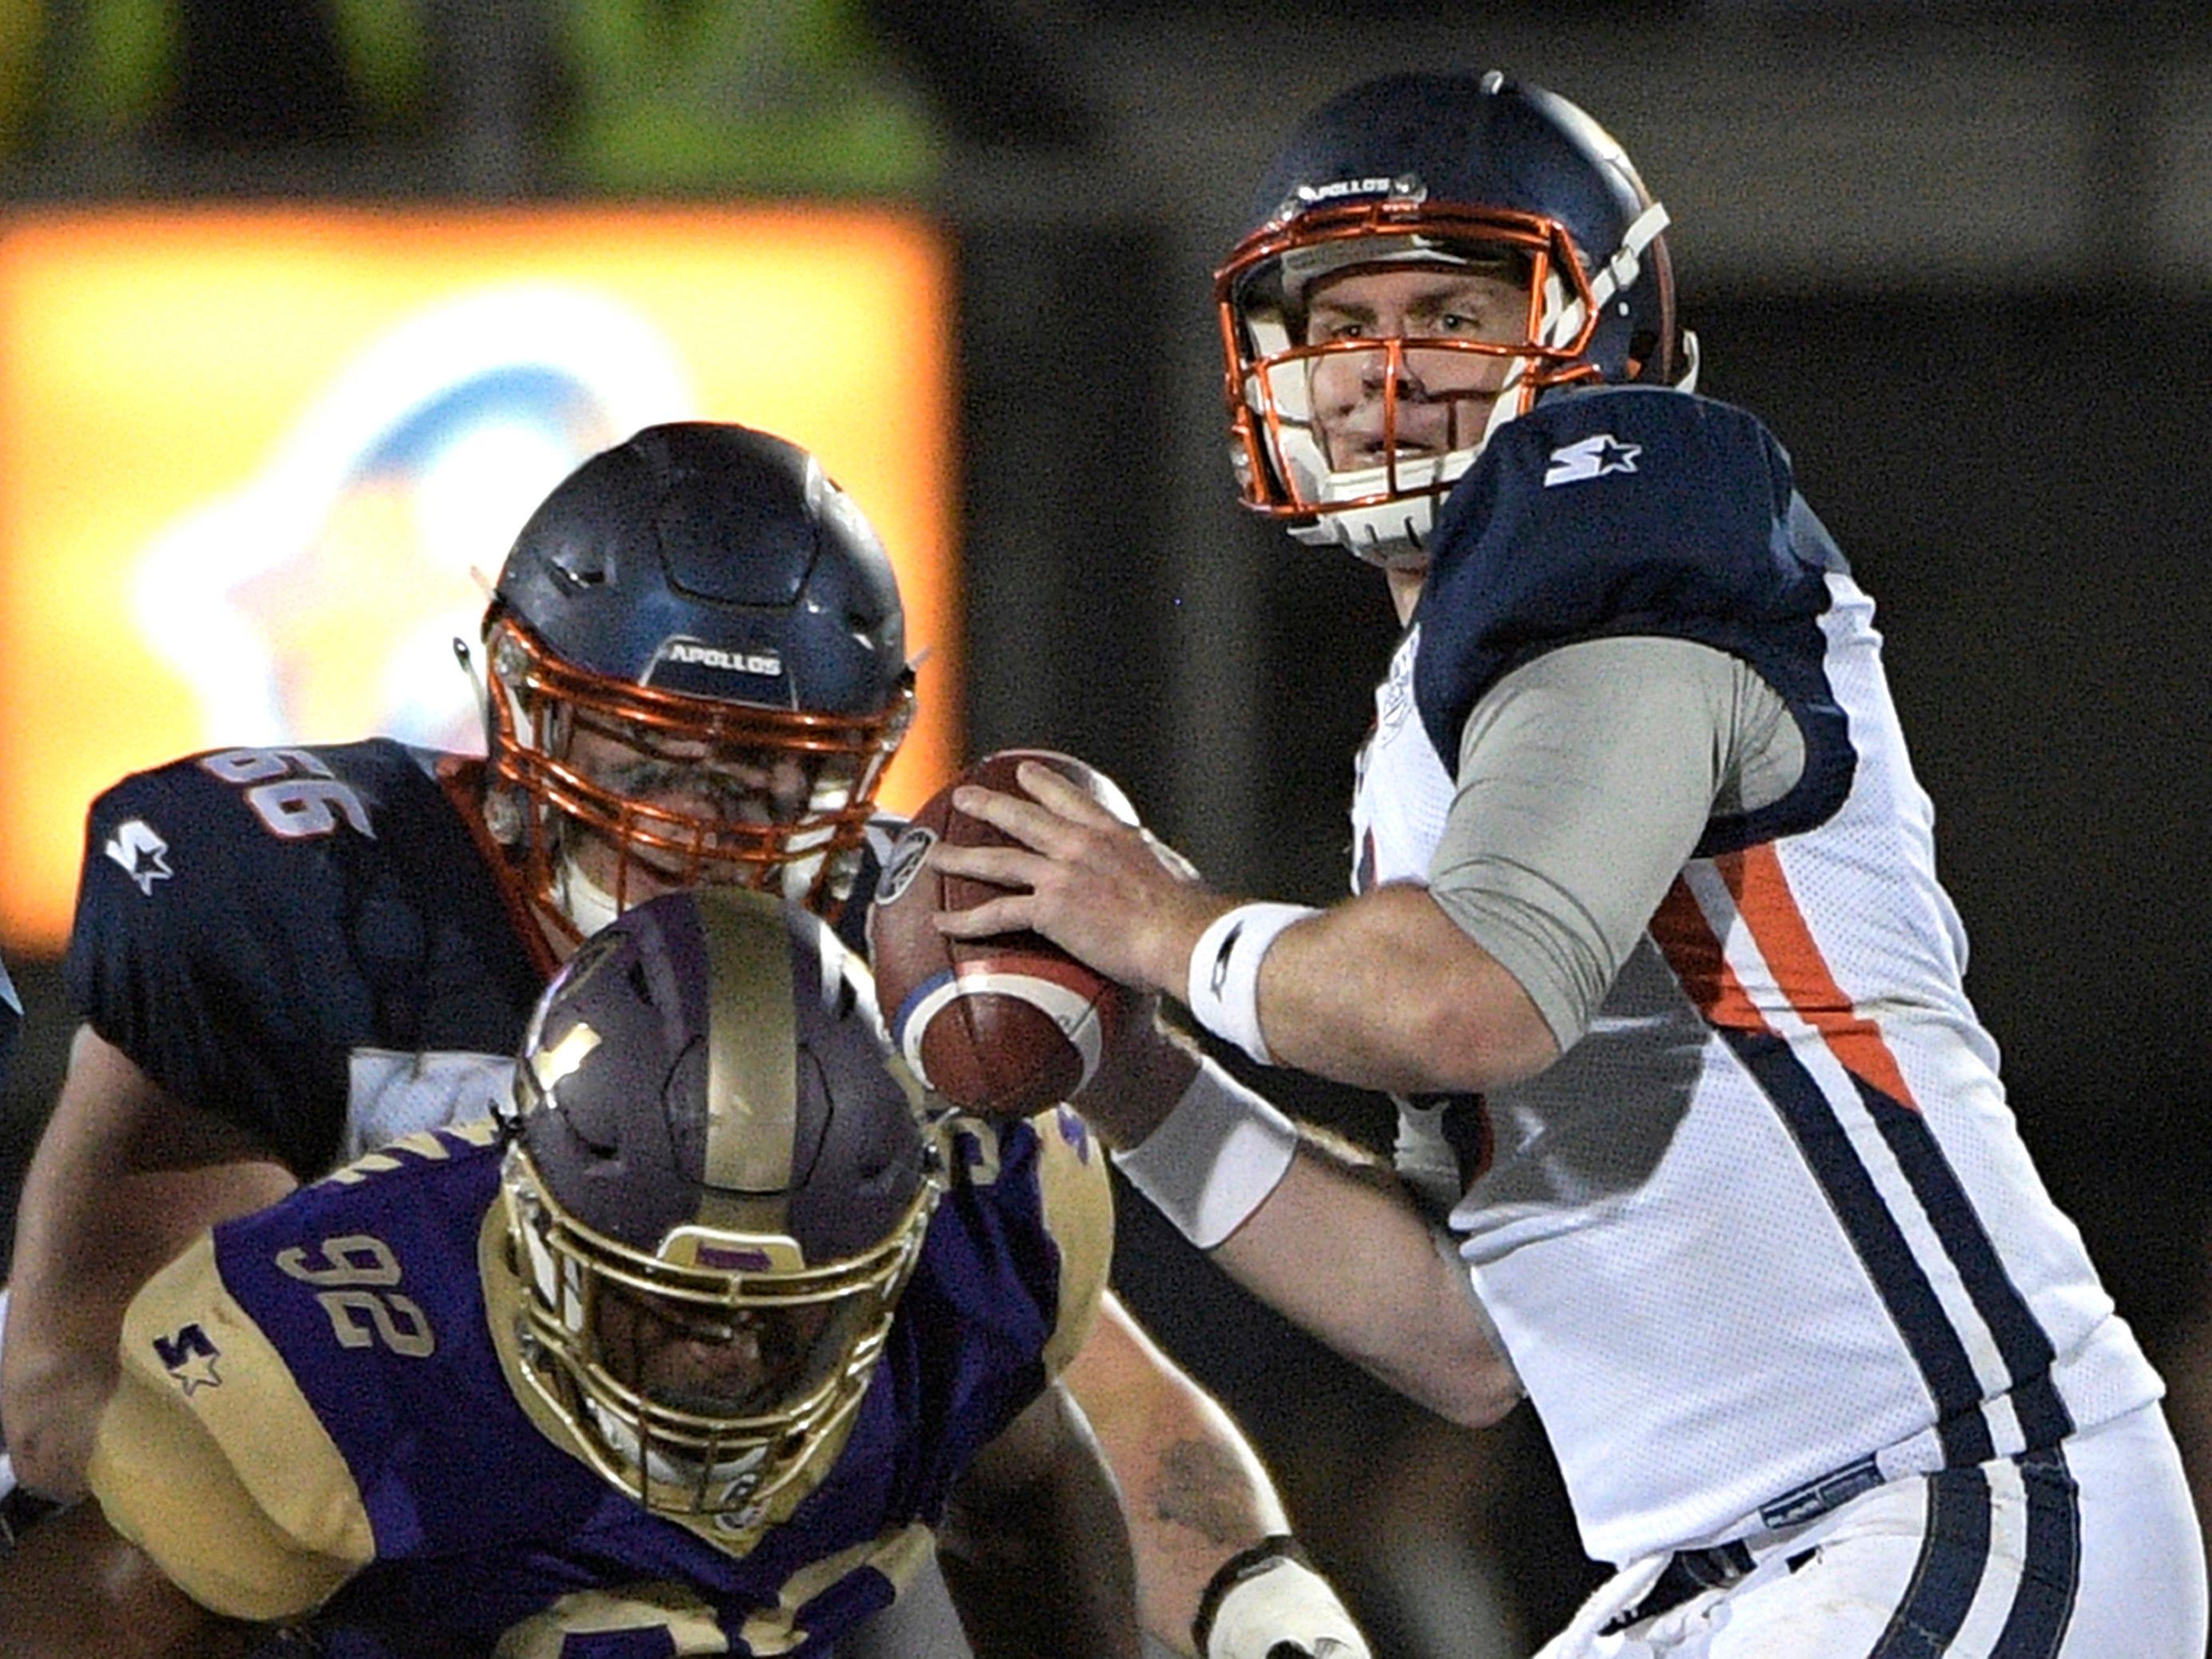 Orlando Apollos quarterback Garrett Gilbert sets up to throw a pass against the Atlanta Legends.